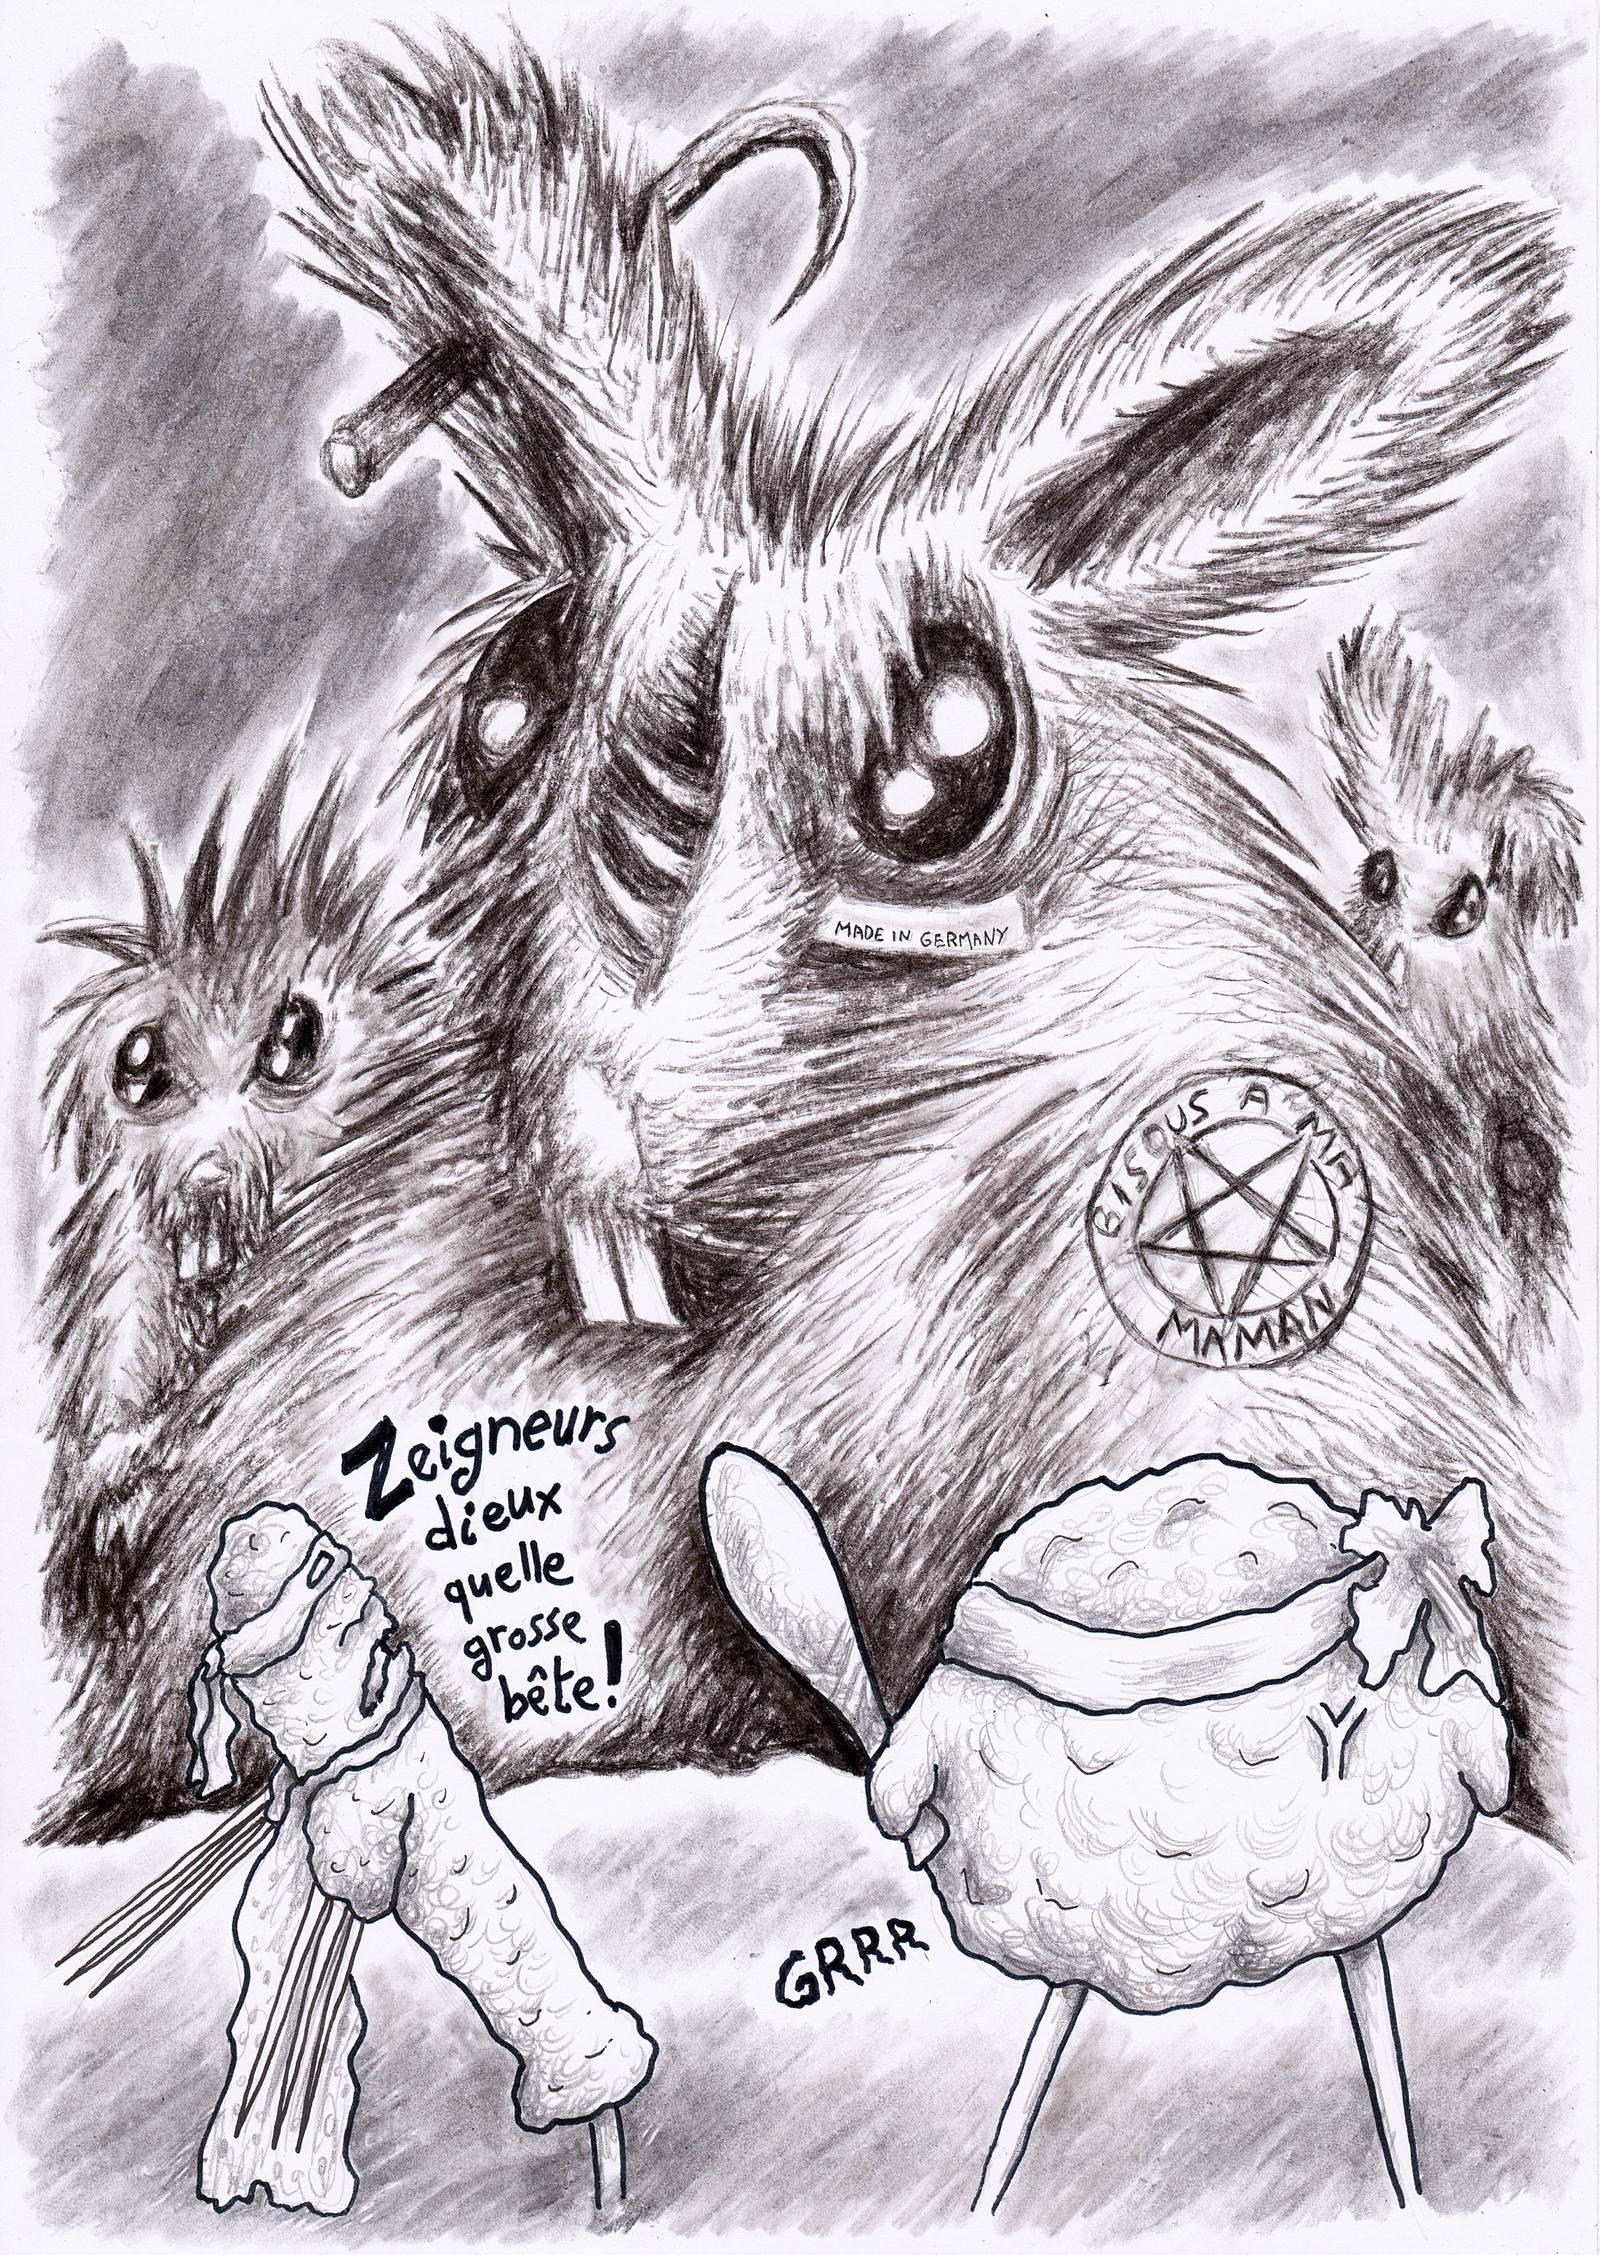 Un vilain lapin mutant zombie face à une boulette et une saucisse